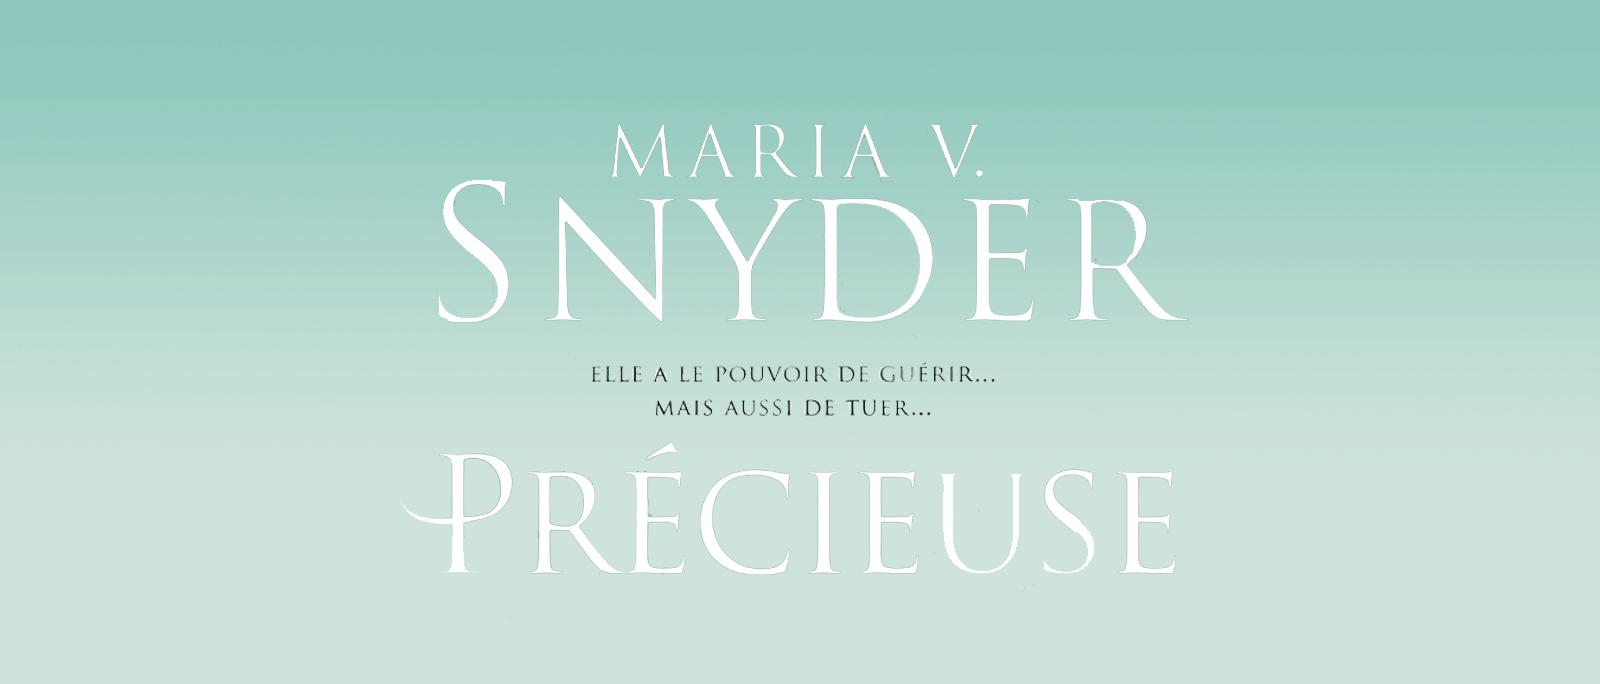 Avis sur le tome 1 de la série le pouvoir des Lys, Précieuse